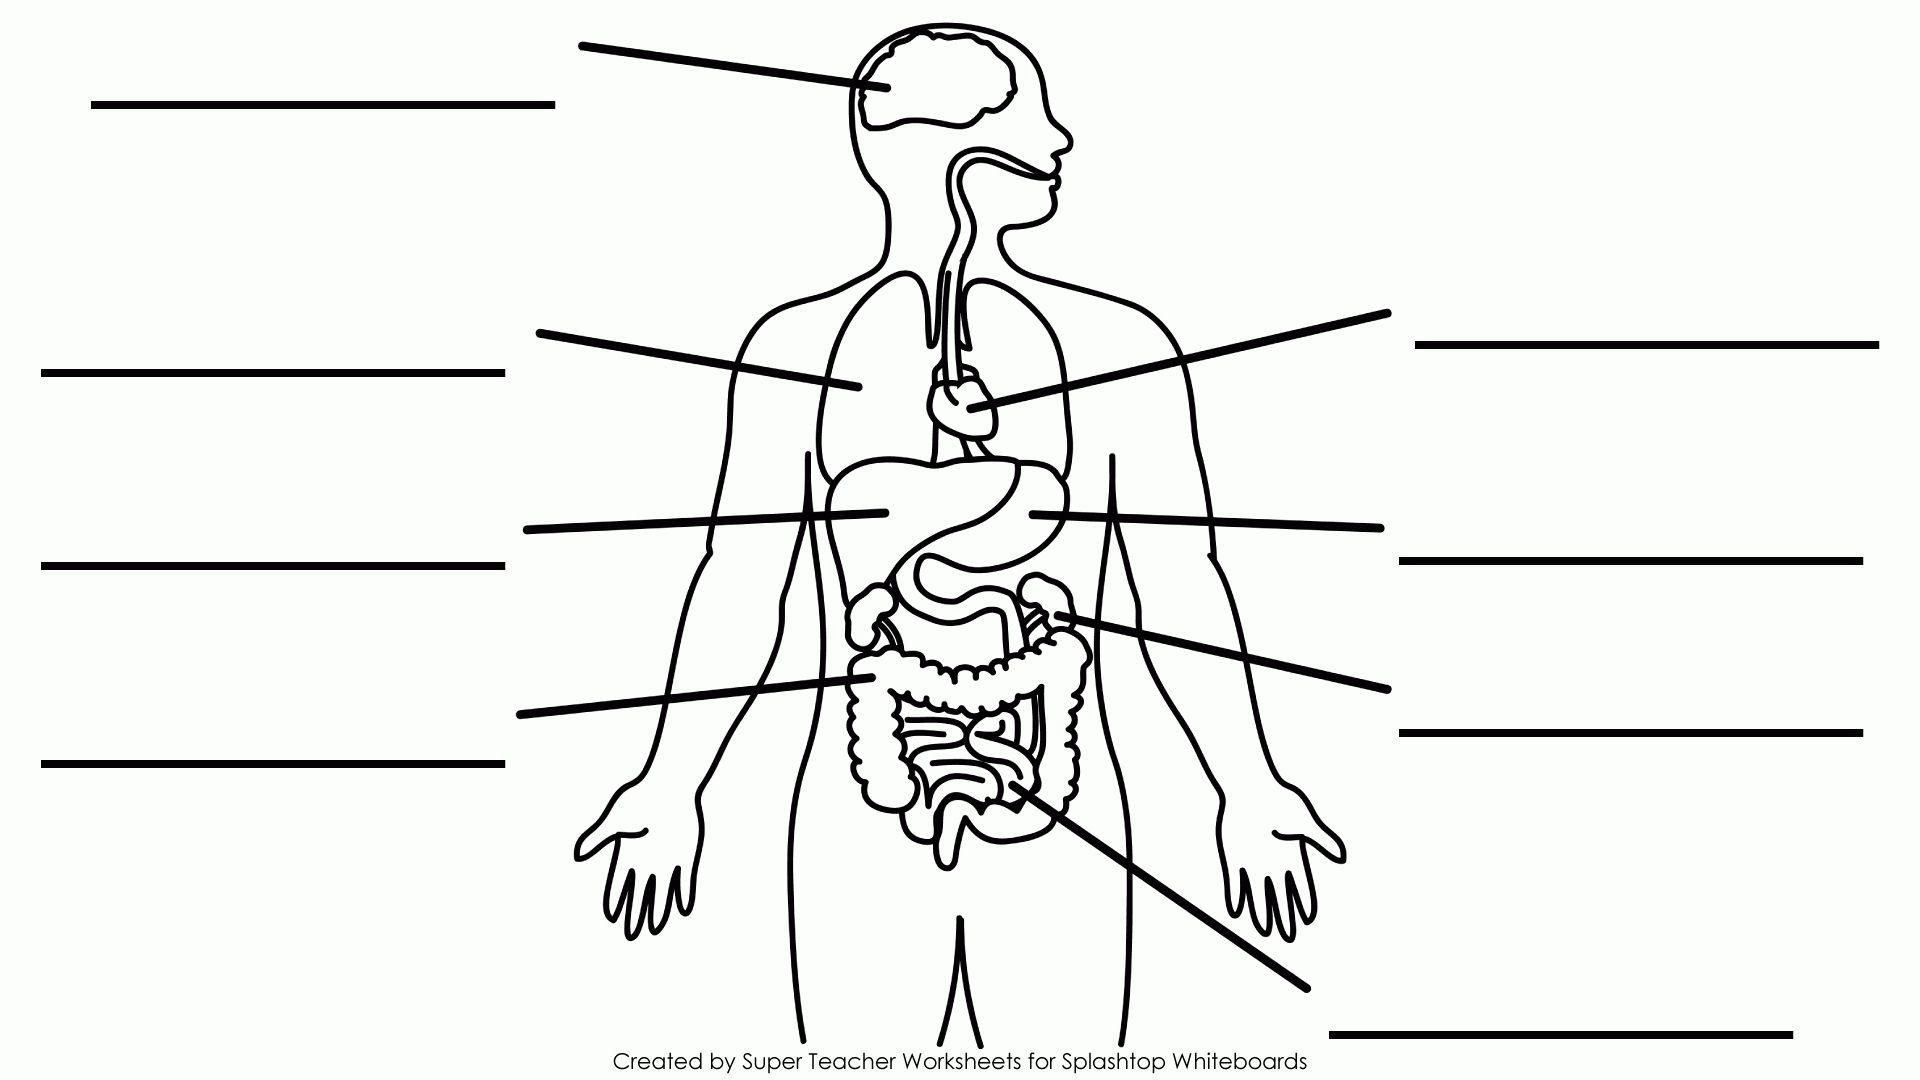 medium resolution of simple body diagram wiring diagram show simple body diagram organs